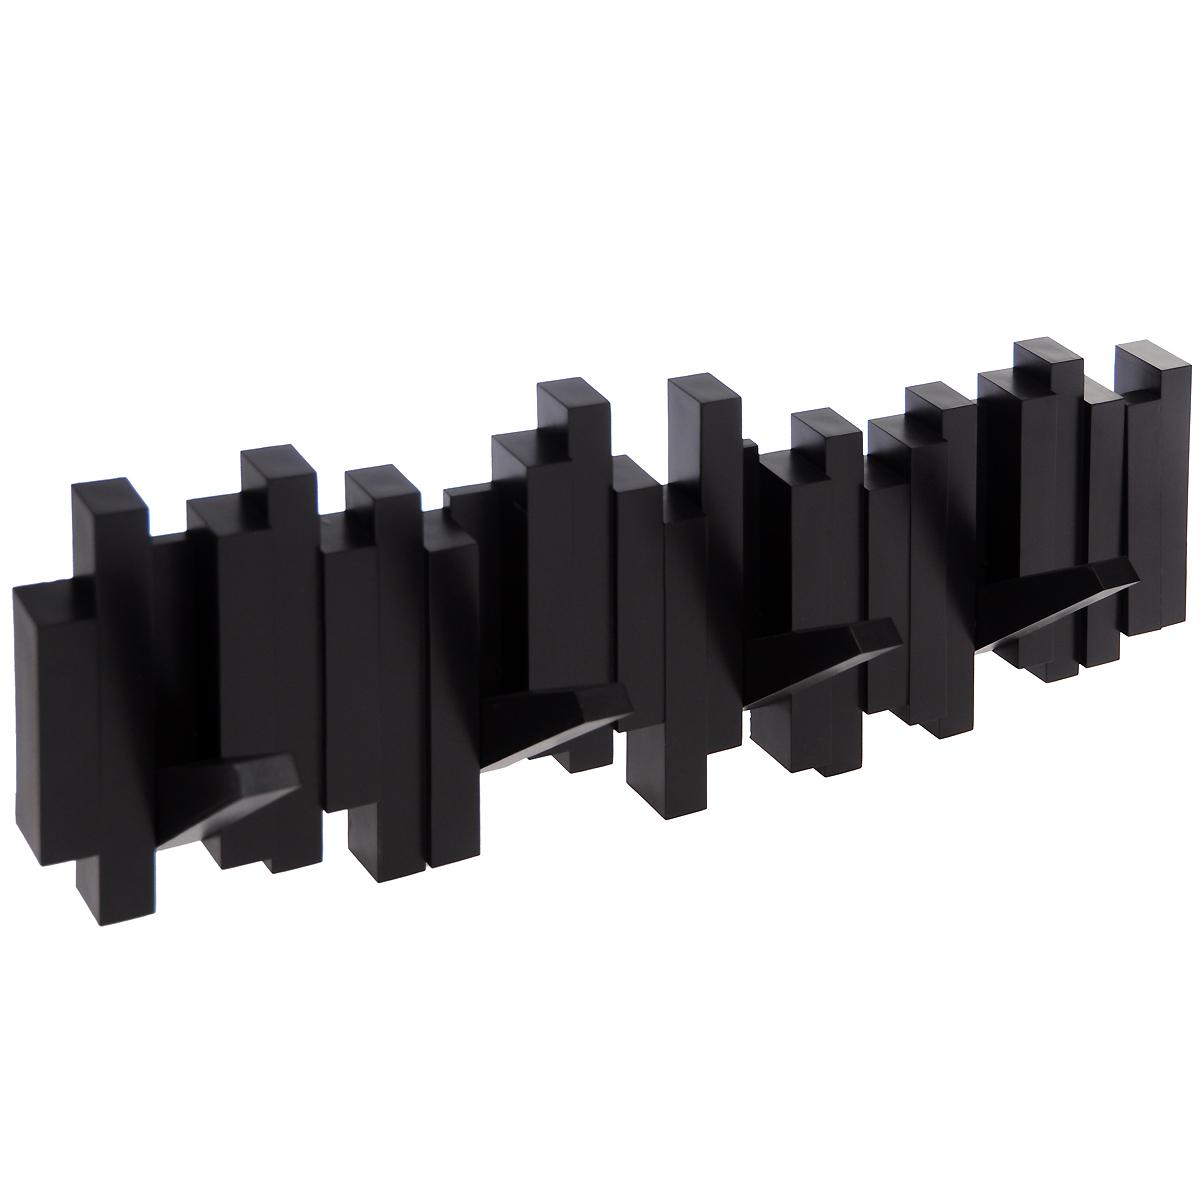 Вешалка настенная Umbra Sticks, цвет: шоколадный, 5 крючковБрелок для ключейСтильная и прочная вешалка Umbra Sticks интересной формы и оригинального дизайна изготовлена из прочного пластика. Имеет 5 откидных и прочных крючков. Когда они не используются, то складываются, превращая конструкцию в плоский декоративный элемент стильной формы. Вешалка Umbra Sticks идеально подходит для маленьких прихожих и ограниченных пространств. Каждый крючок выдерживает вес до 2,3 кг. Размер вешалки: 50 см х 17 см х 2 см.